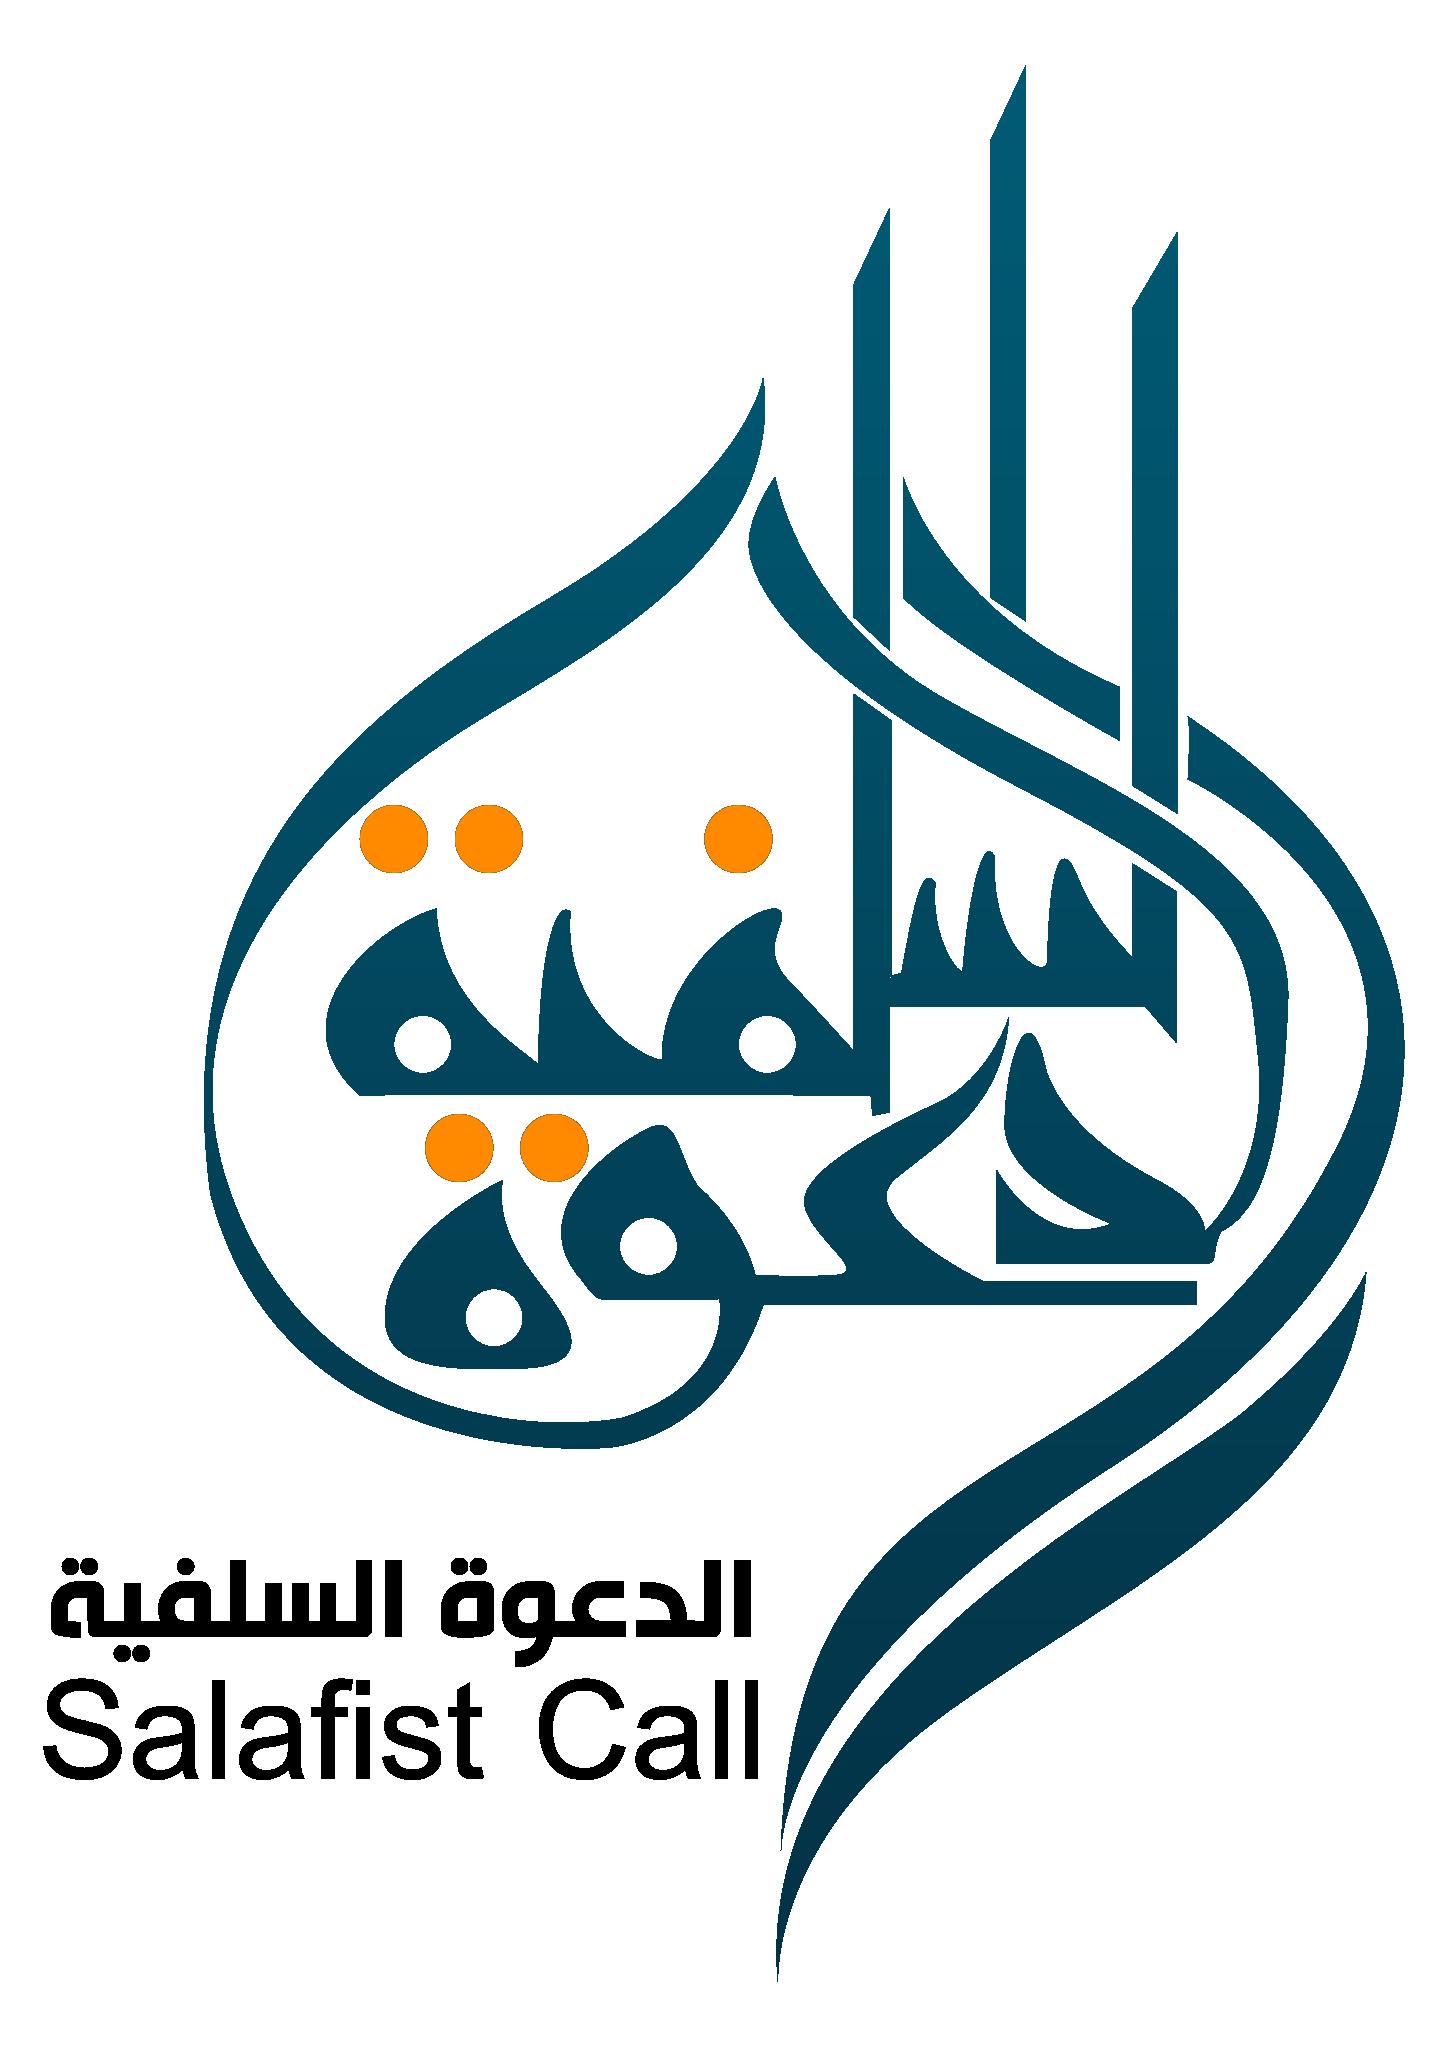 """""""الدعوة السلفية بمصر"""" تتقدَّم بخَالِص العَزَاء في وفاة الشيخ """"محمد بن إسماعيل العمراني"""" مفتي اليمن"""